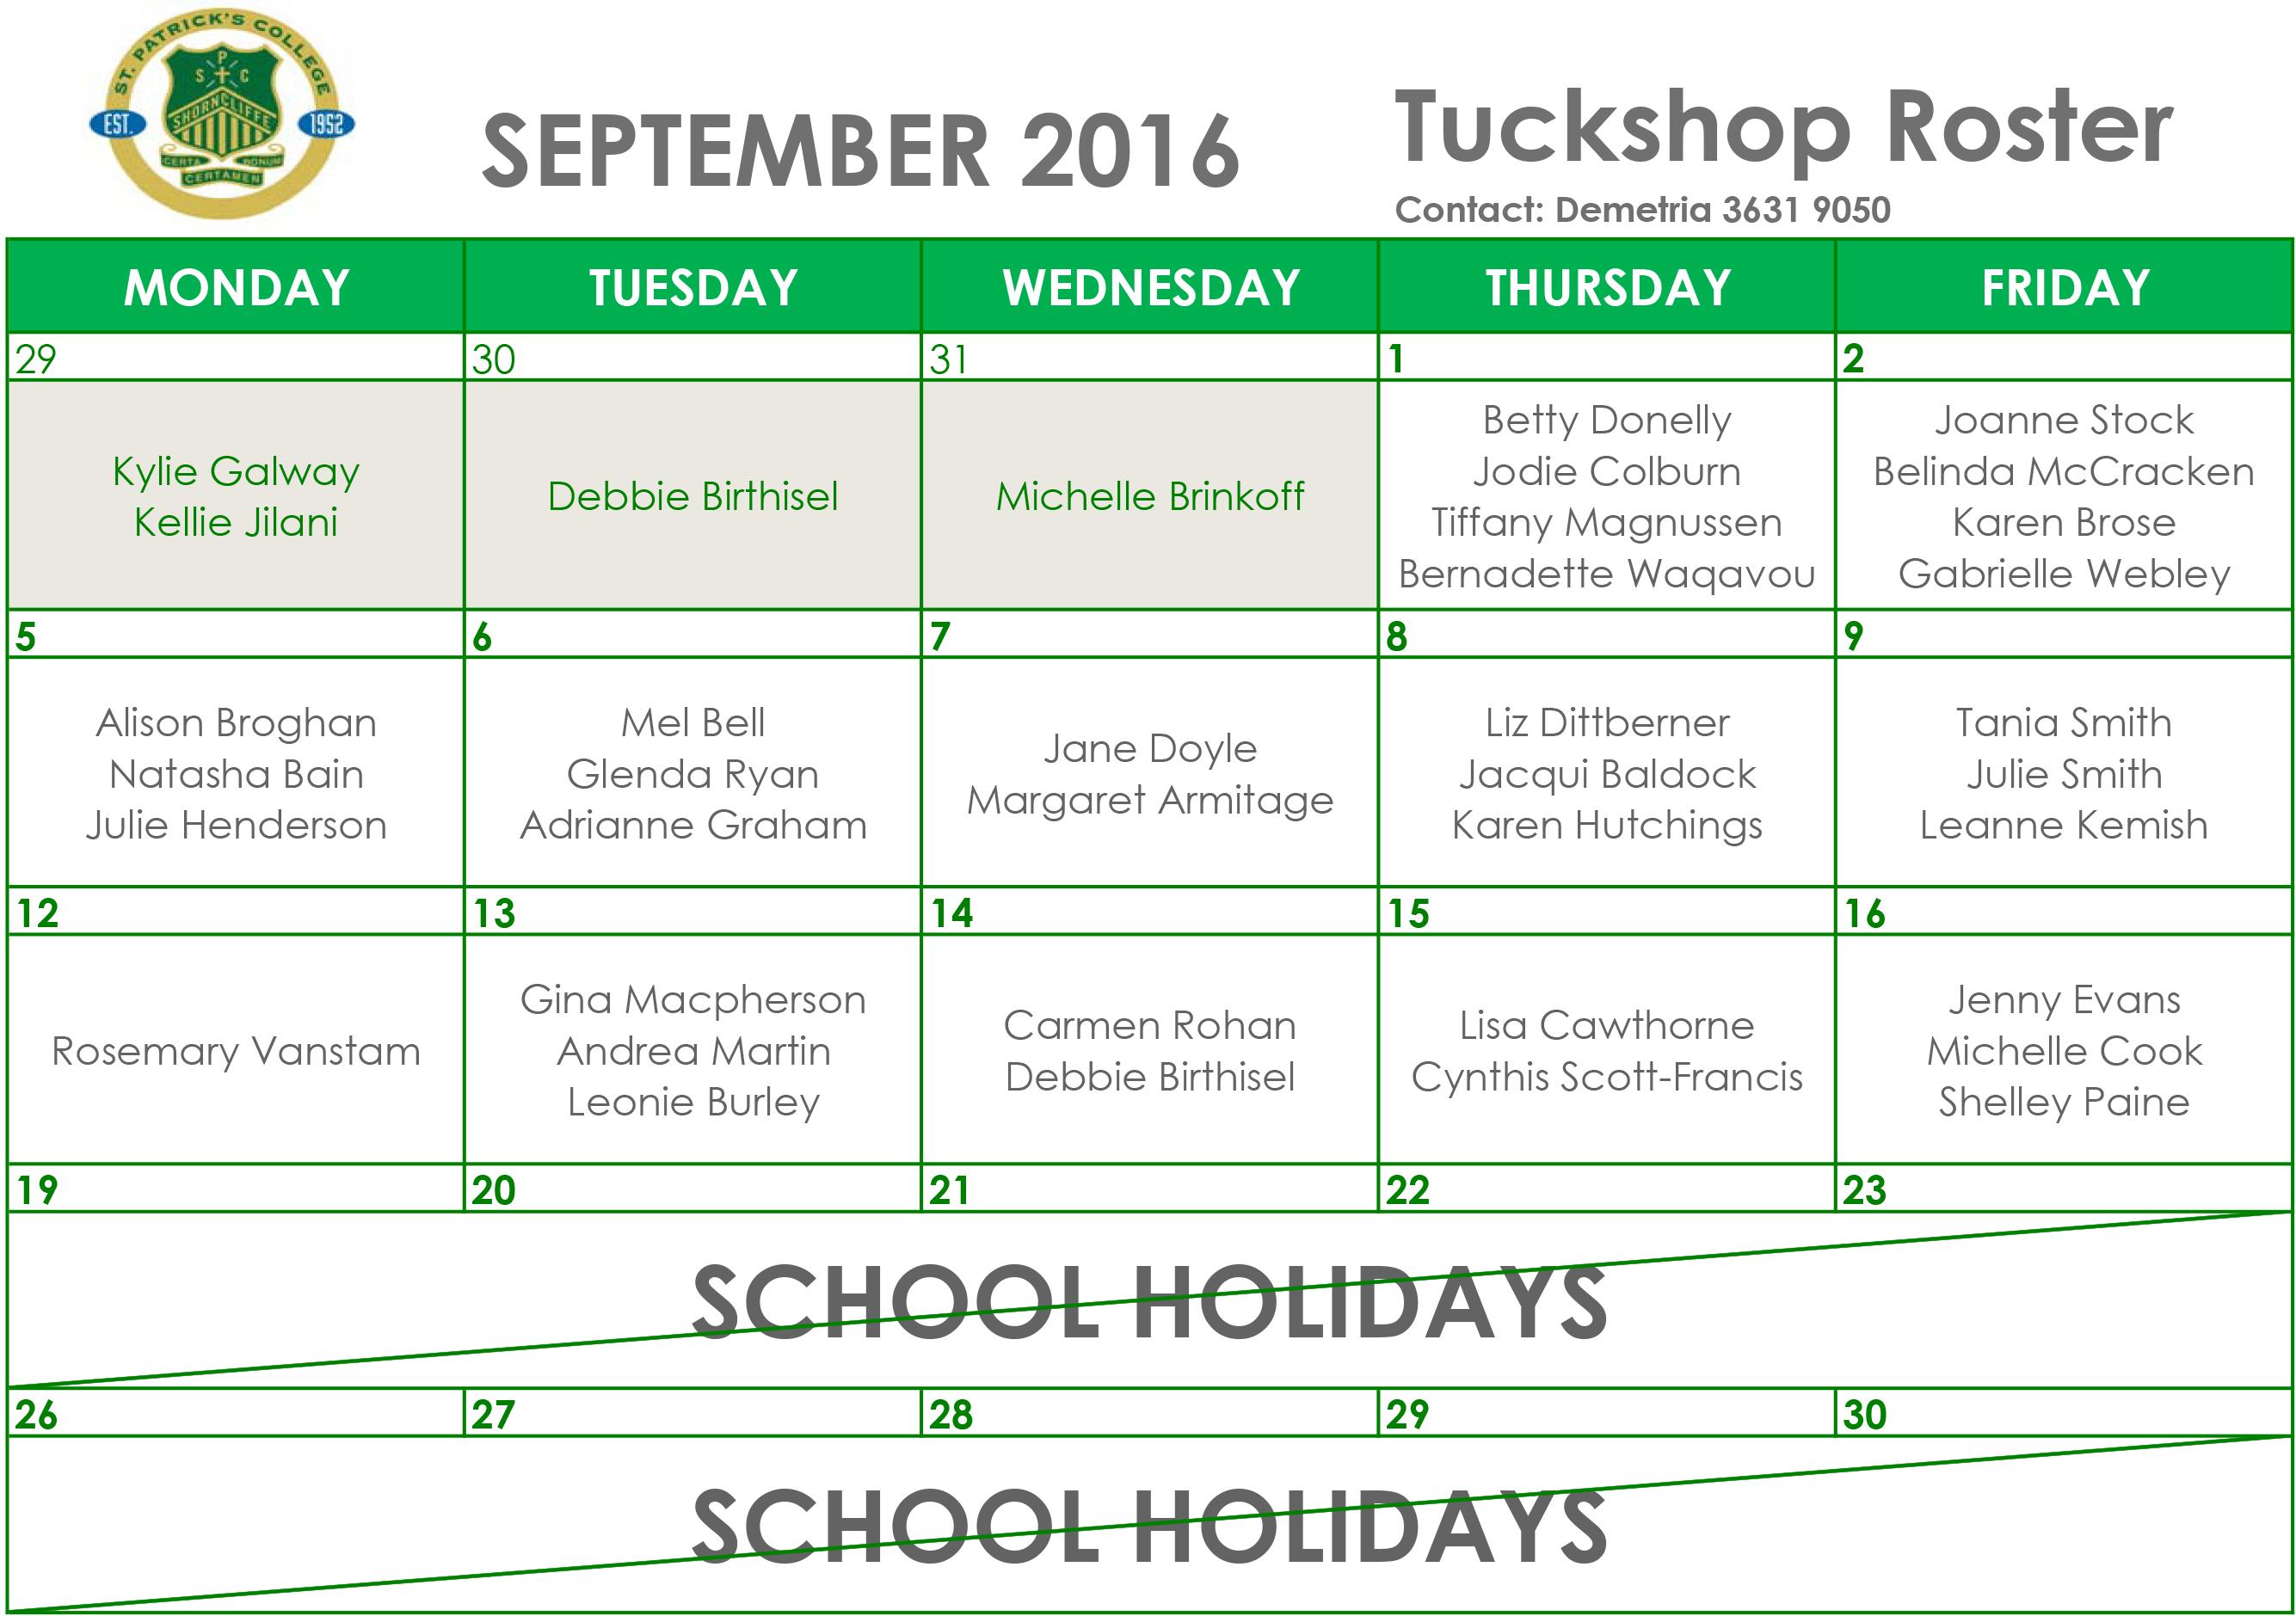 Tuckshop-Roster-2016.jpg?mtime=201608251